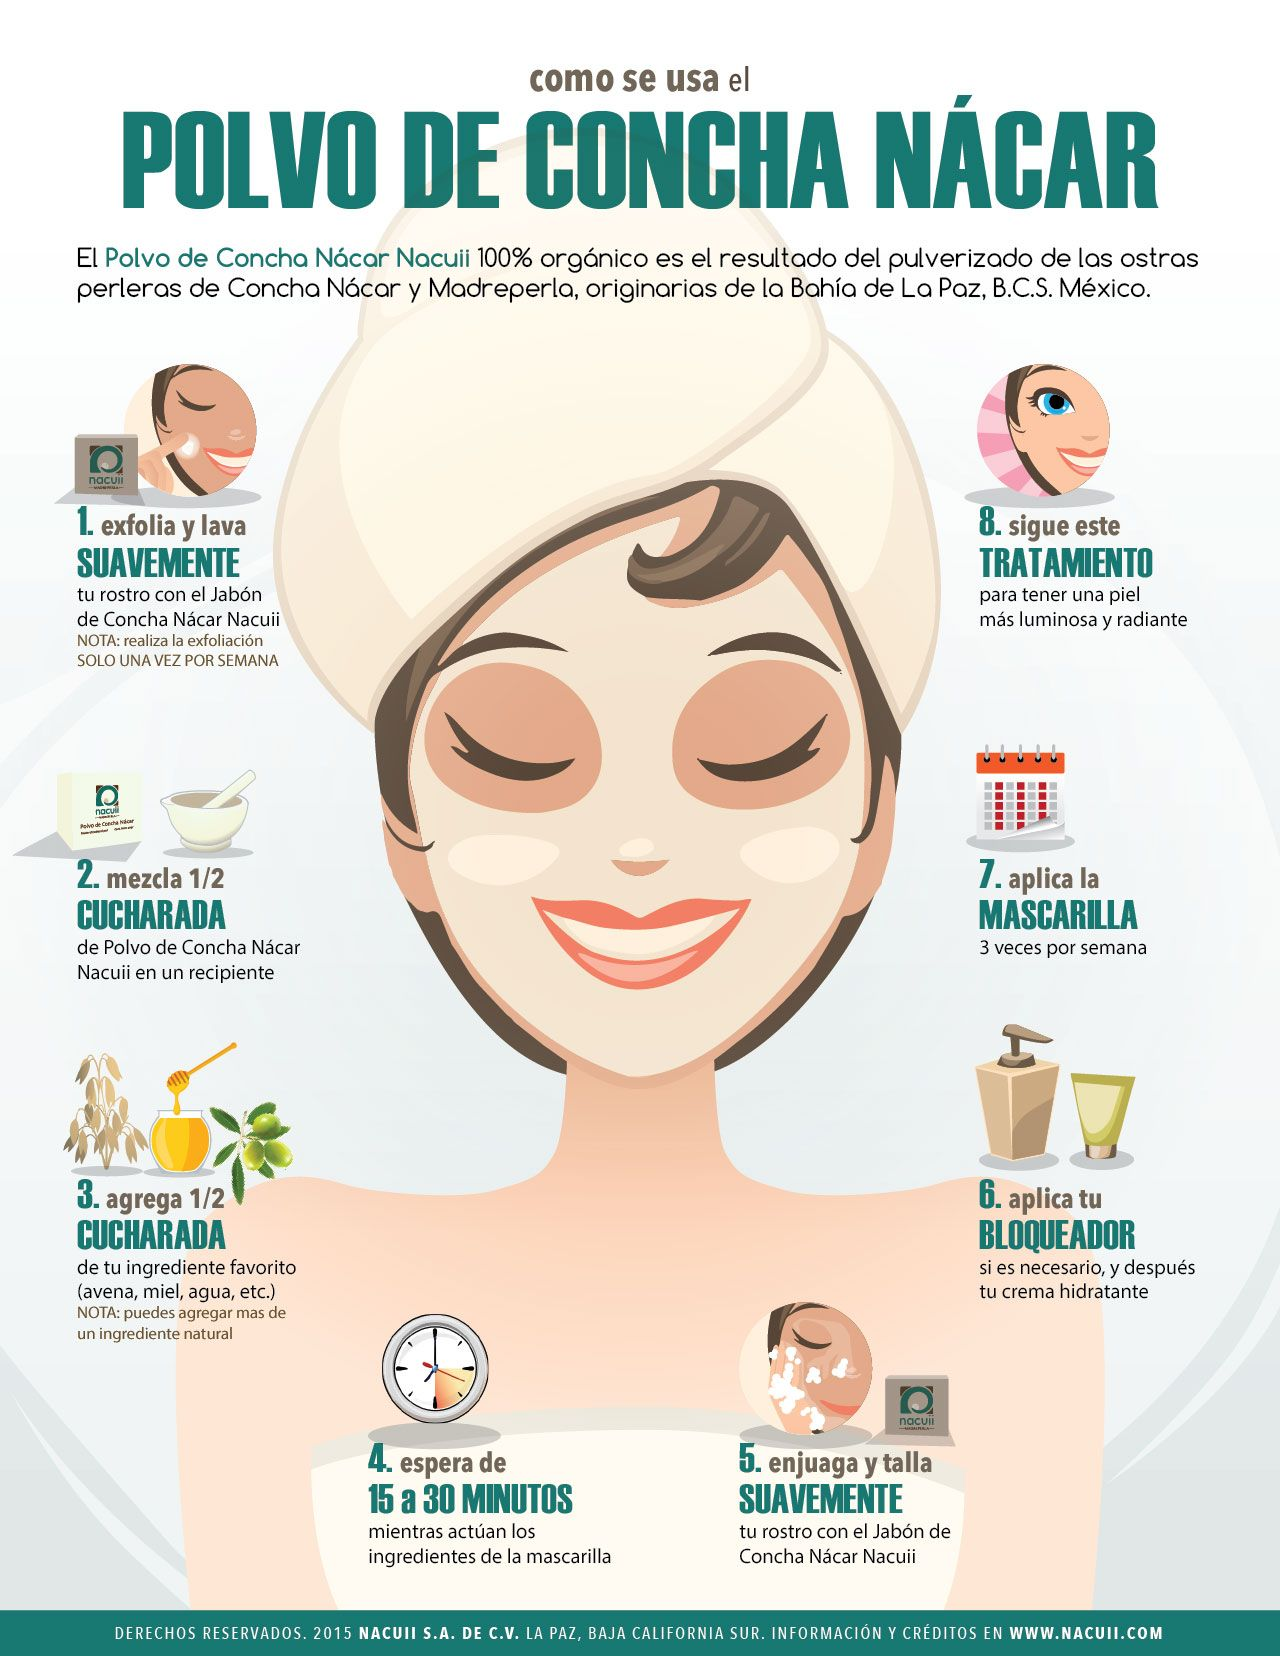 Beneficios de echarse miel en la cara